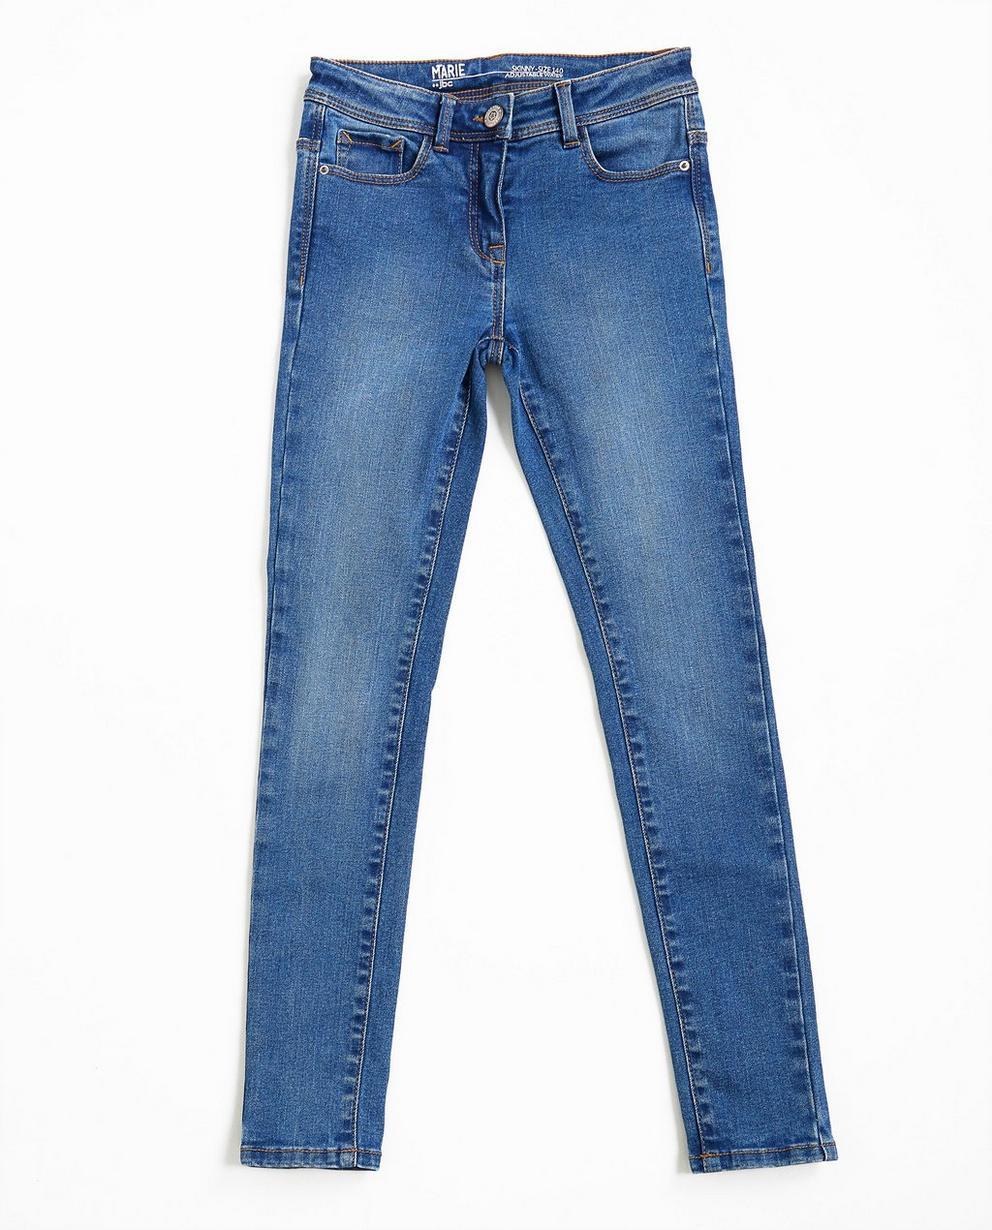 Jeans skinny bleu - légèrement délavé - JBC